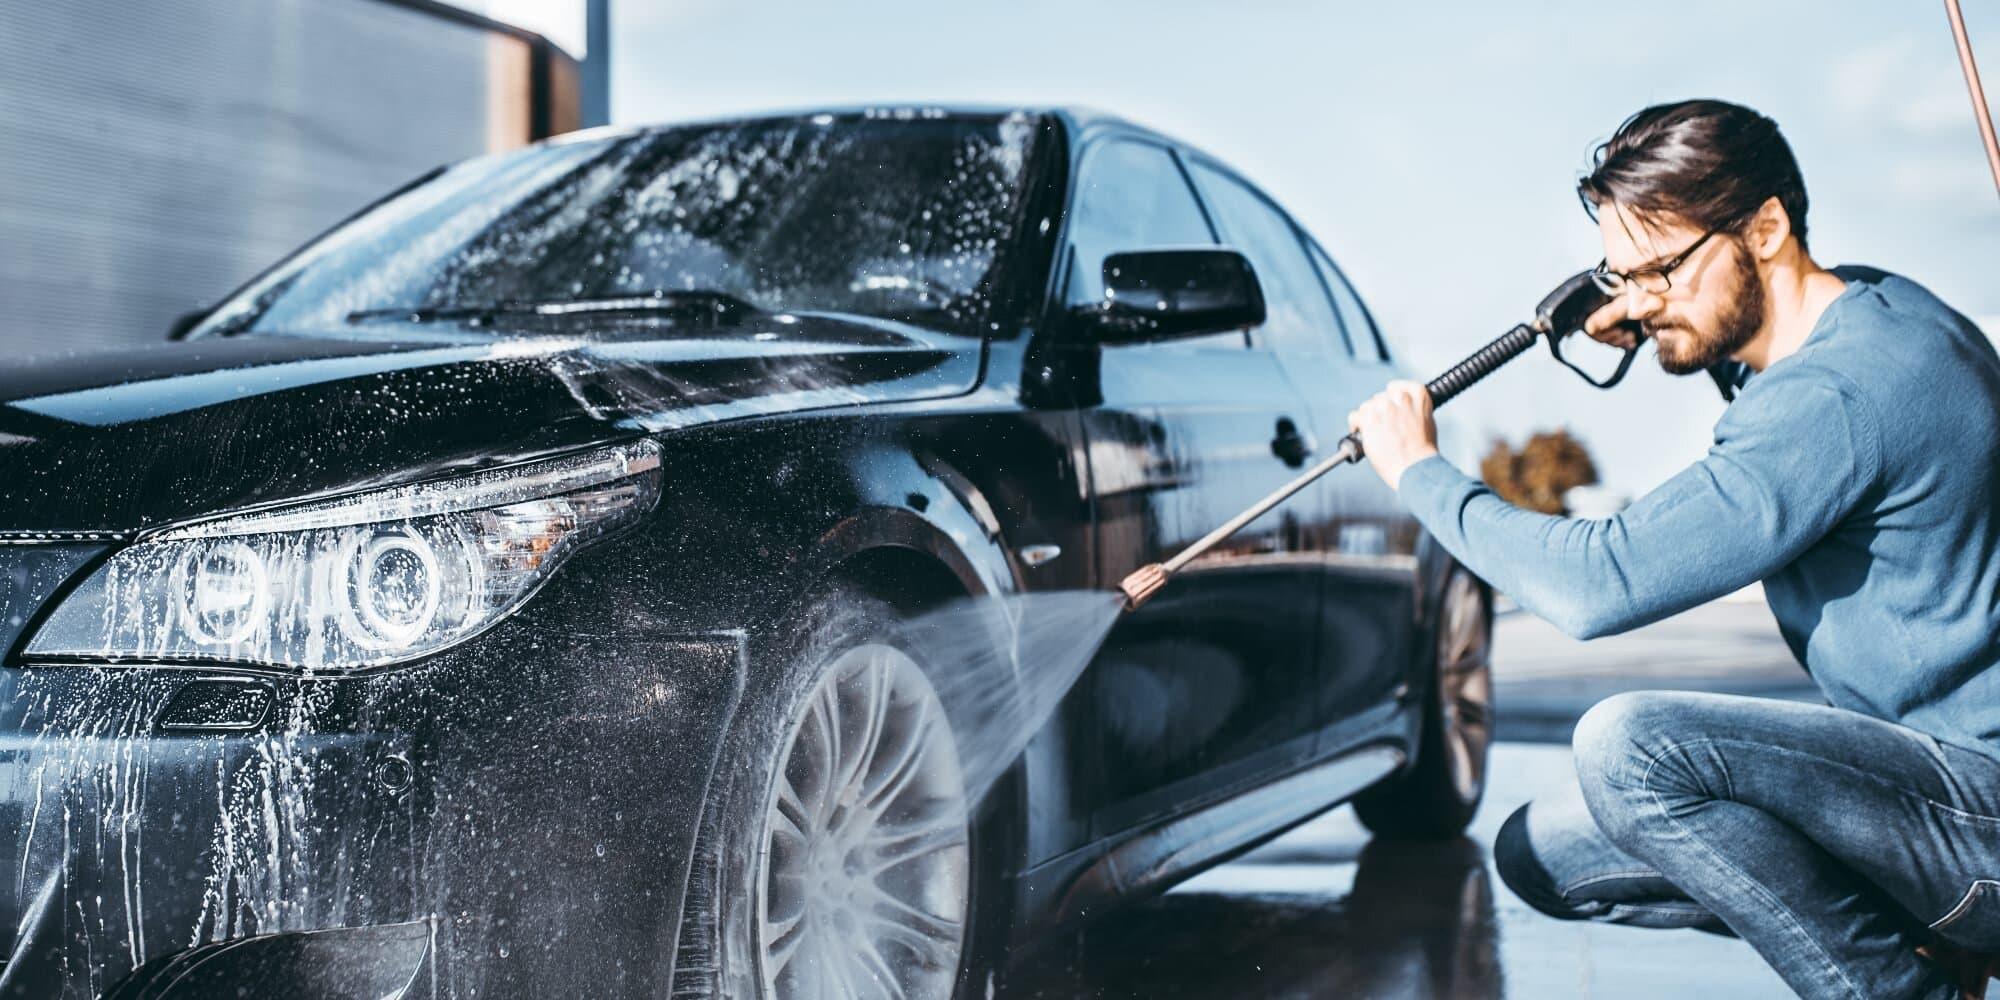 мужчинаа моет машину